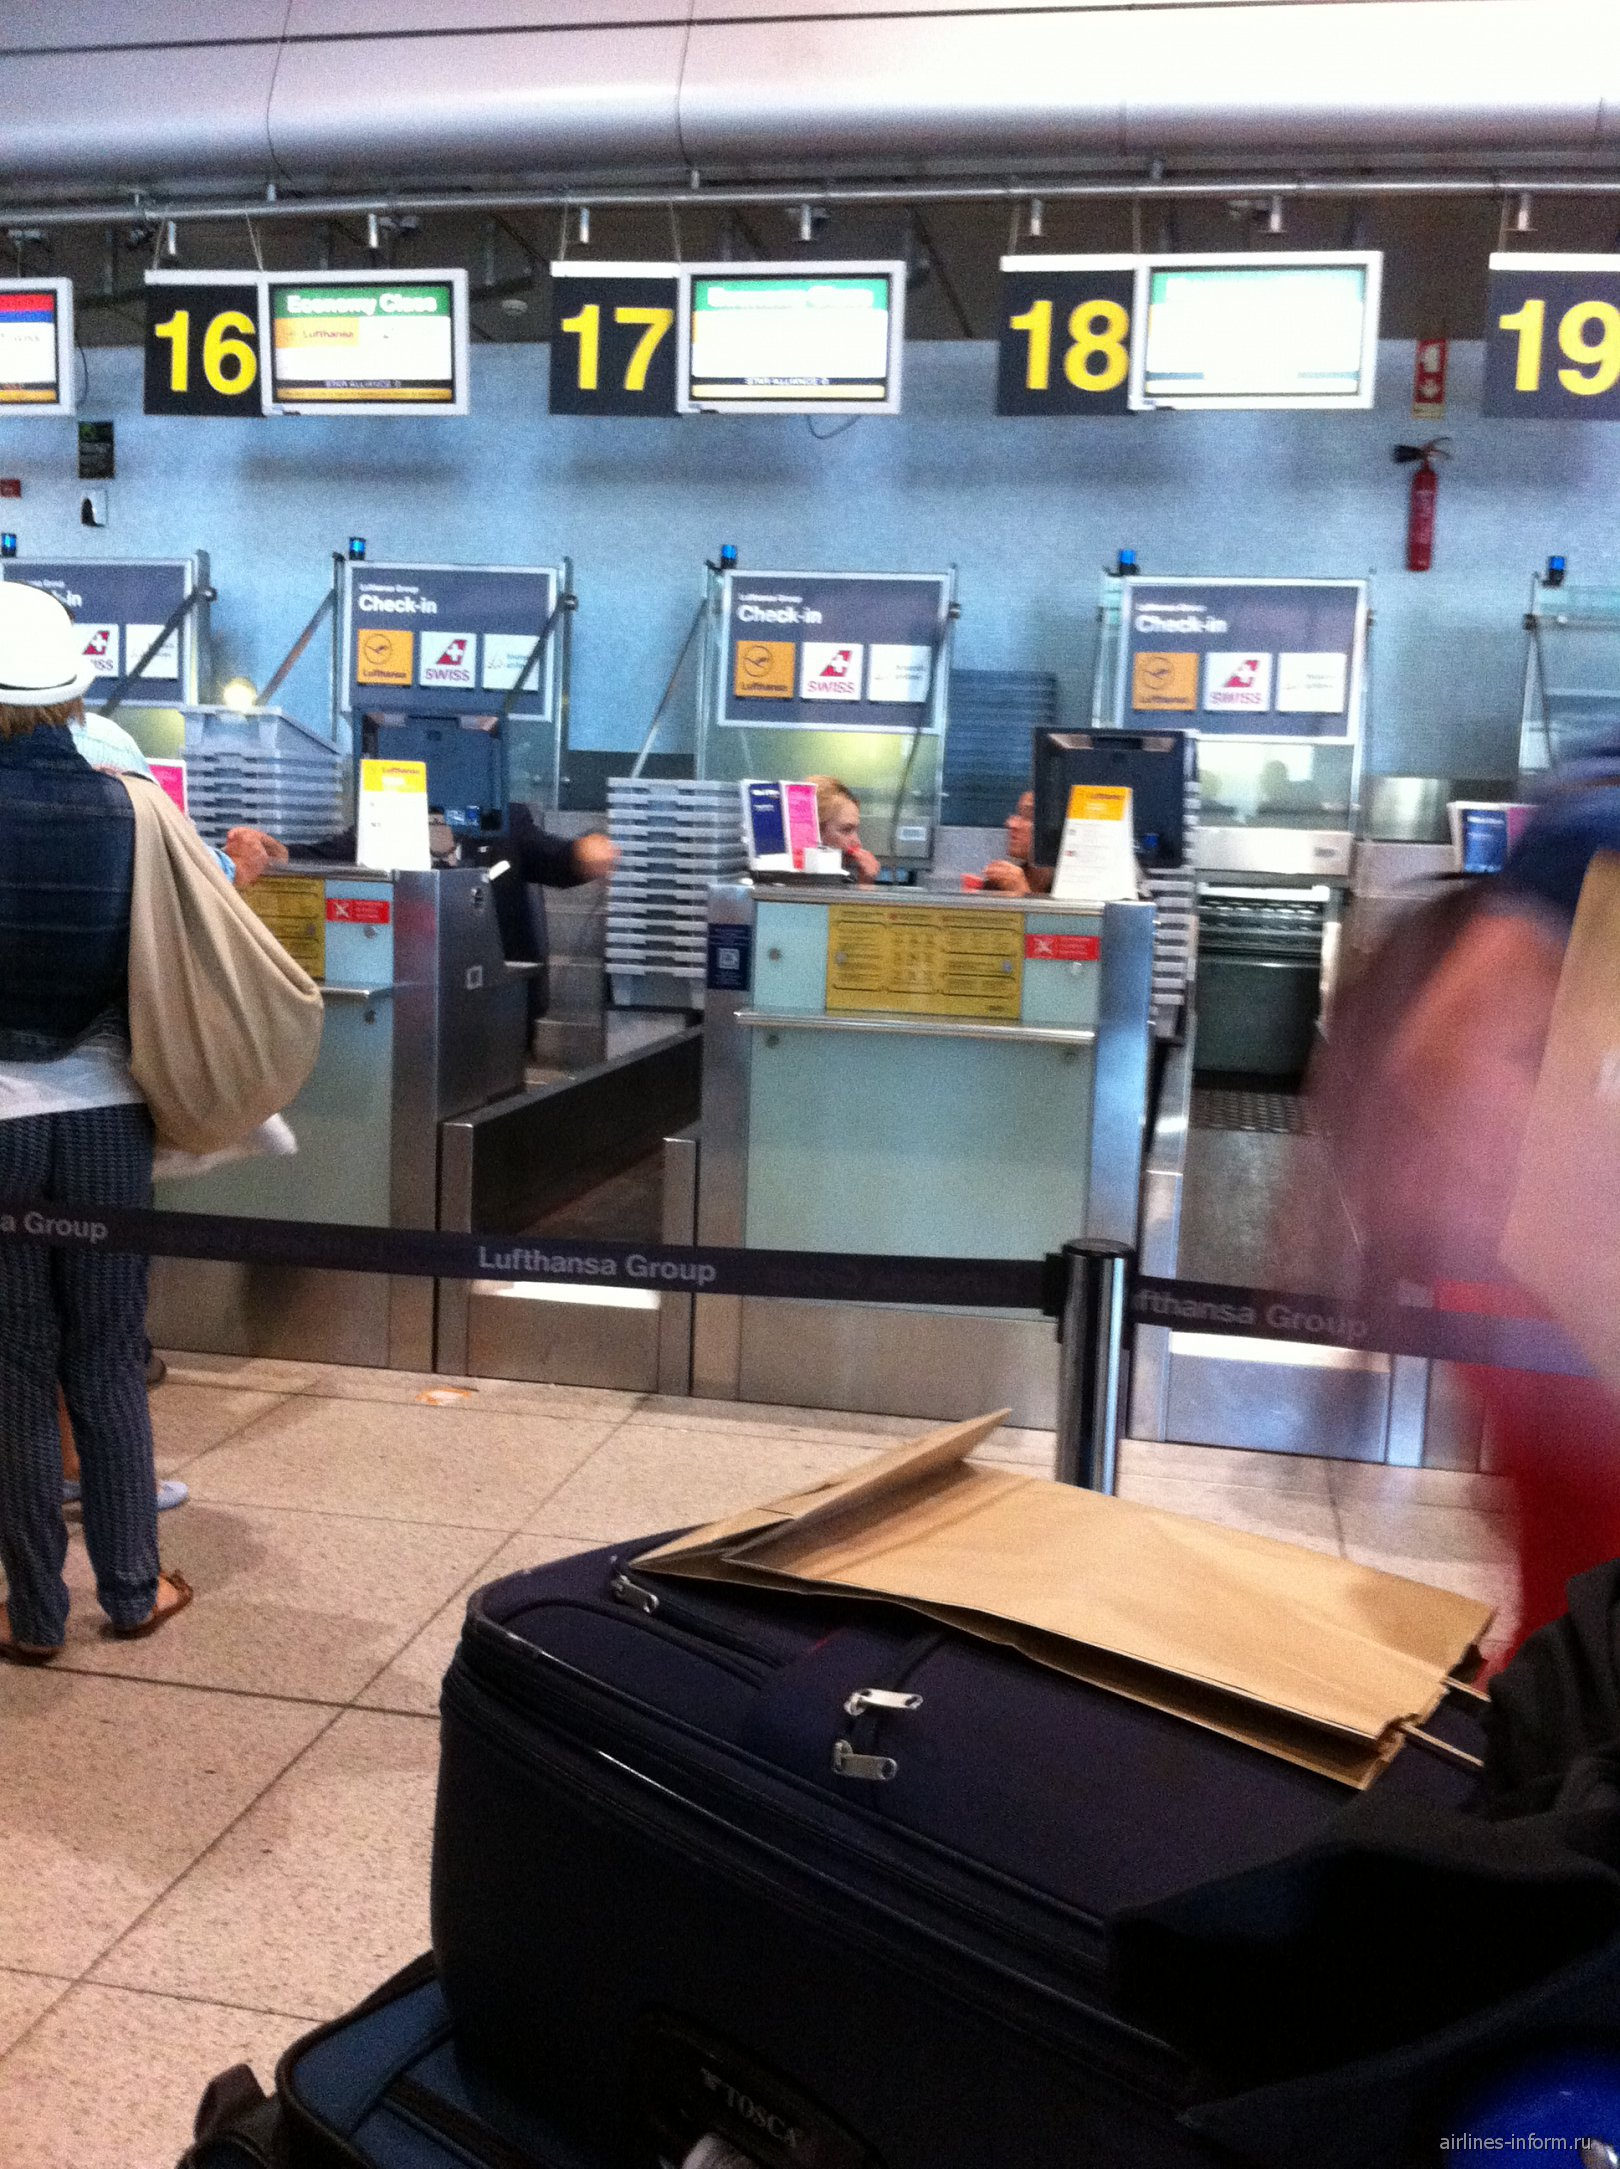 Стойки регистрации Lufthansa, Swiss, Brussels Airlines